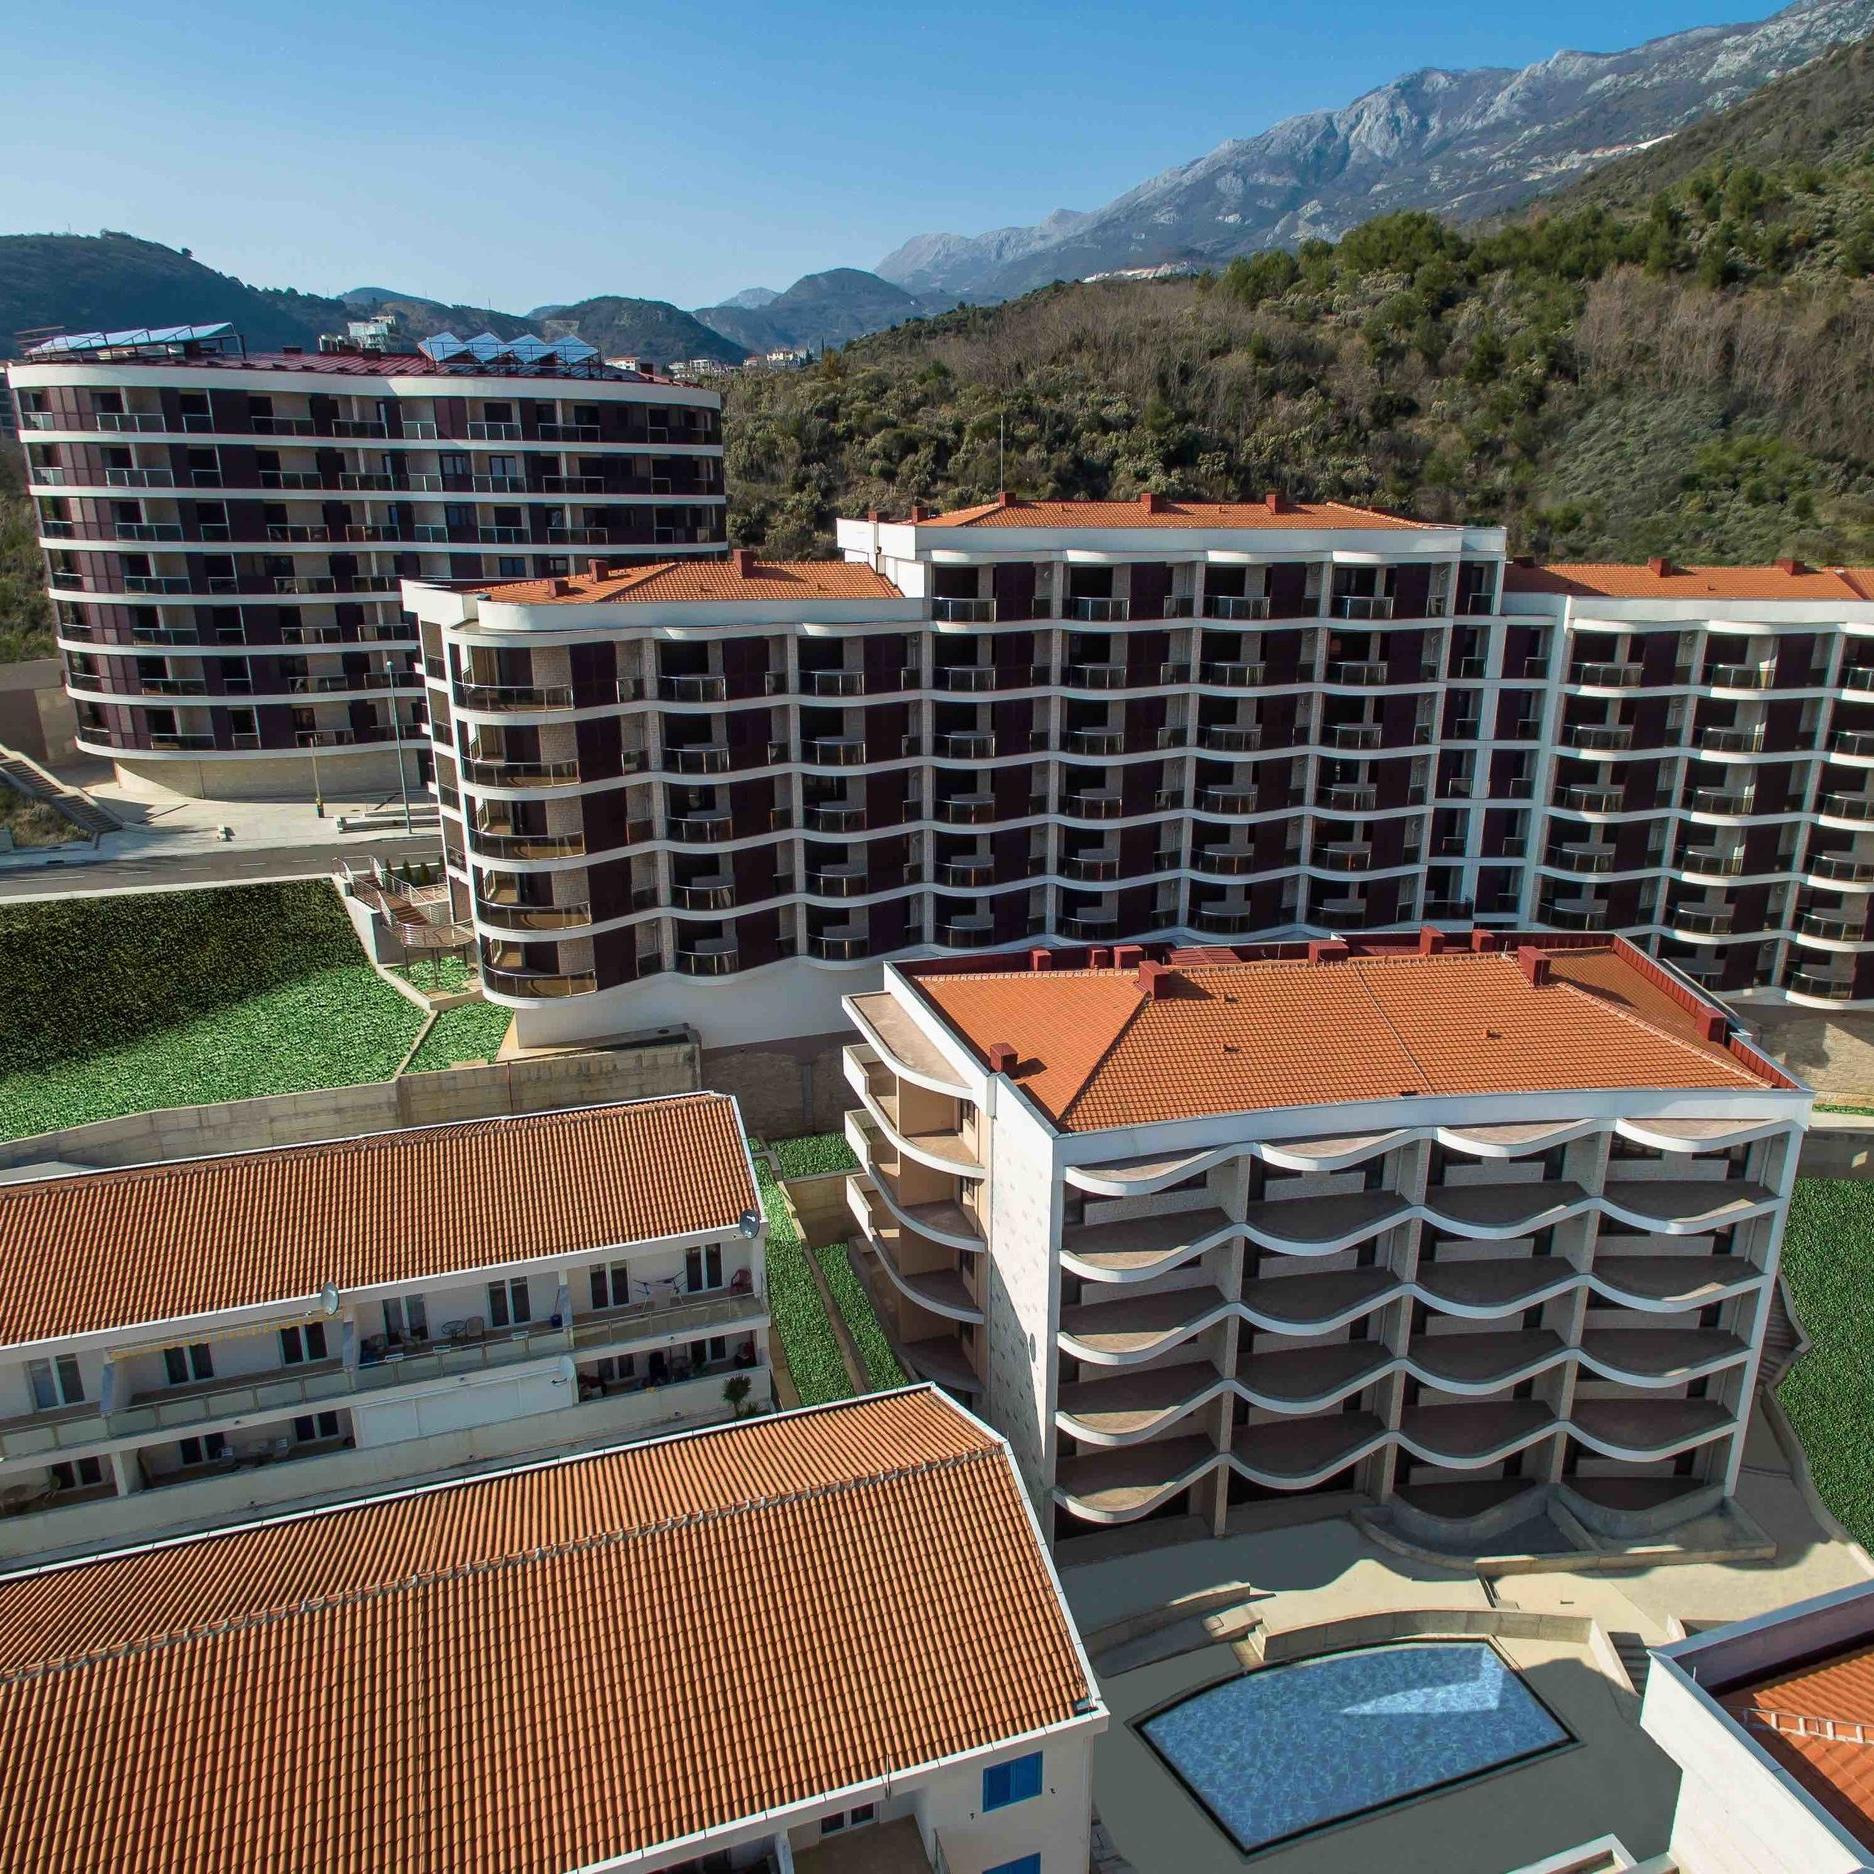 Инфраструктура - Включает такие объекты как ресепшн, открытый бассейн, ресторан с панорамным видом на море, мини-маркет, солнечные панели.